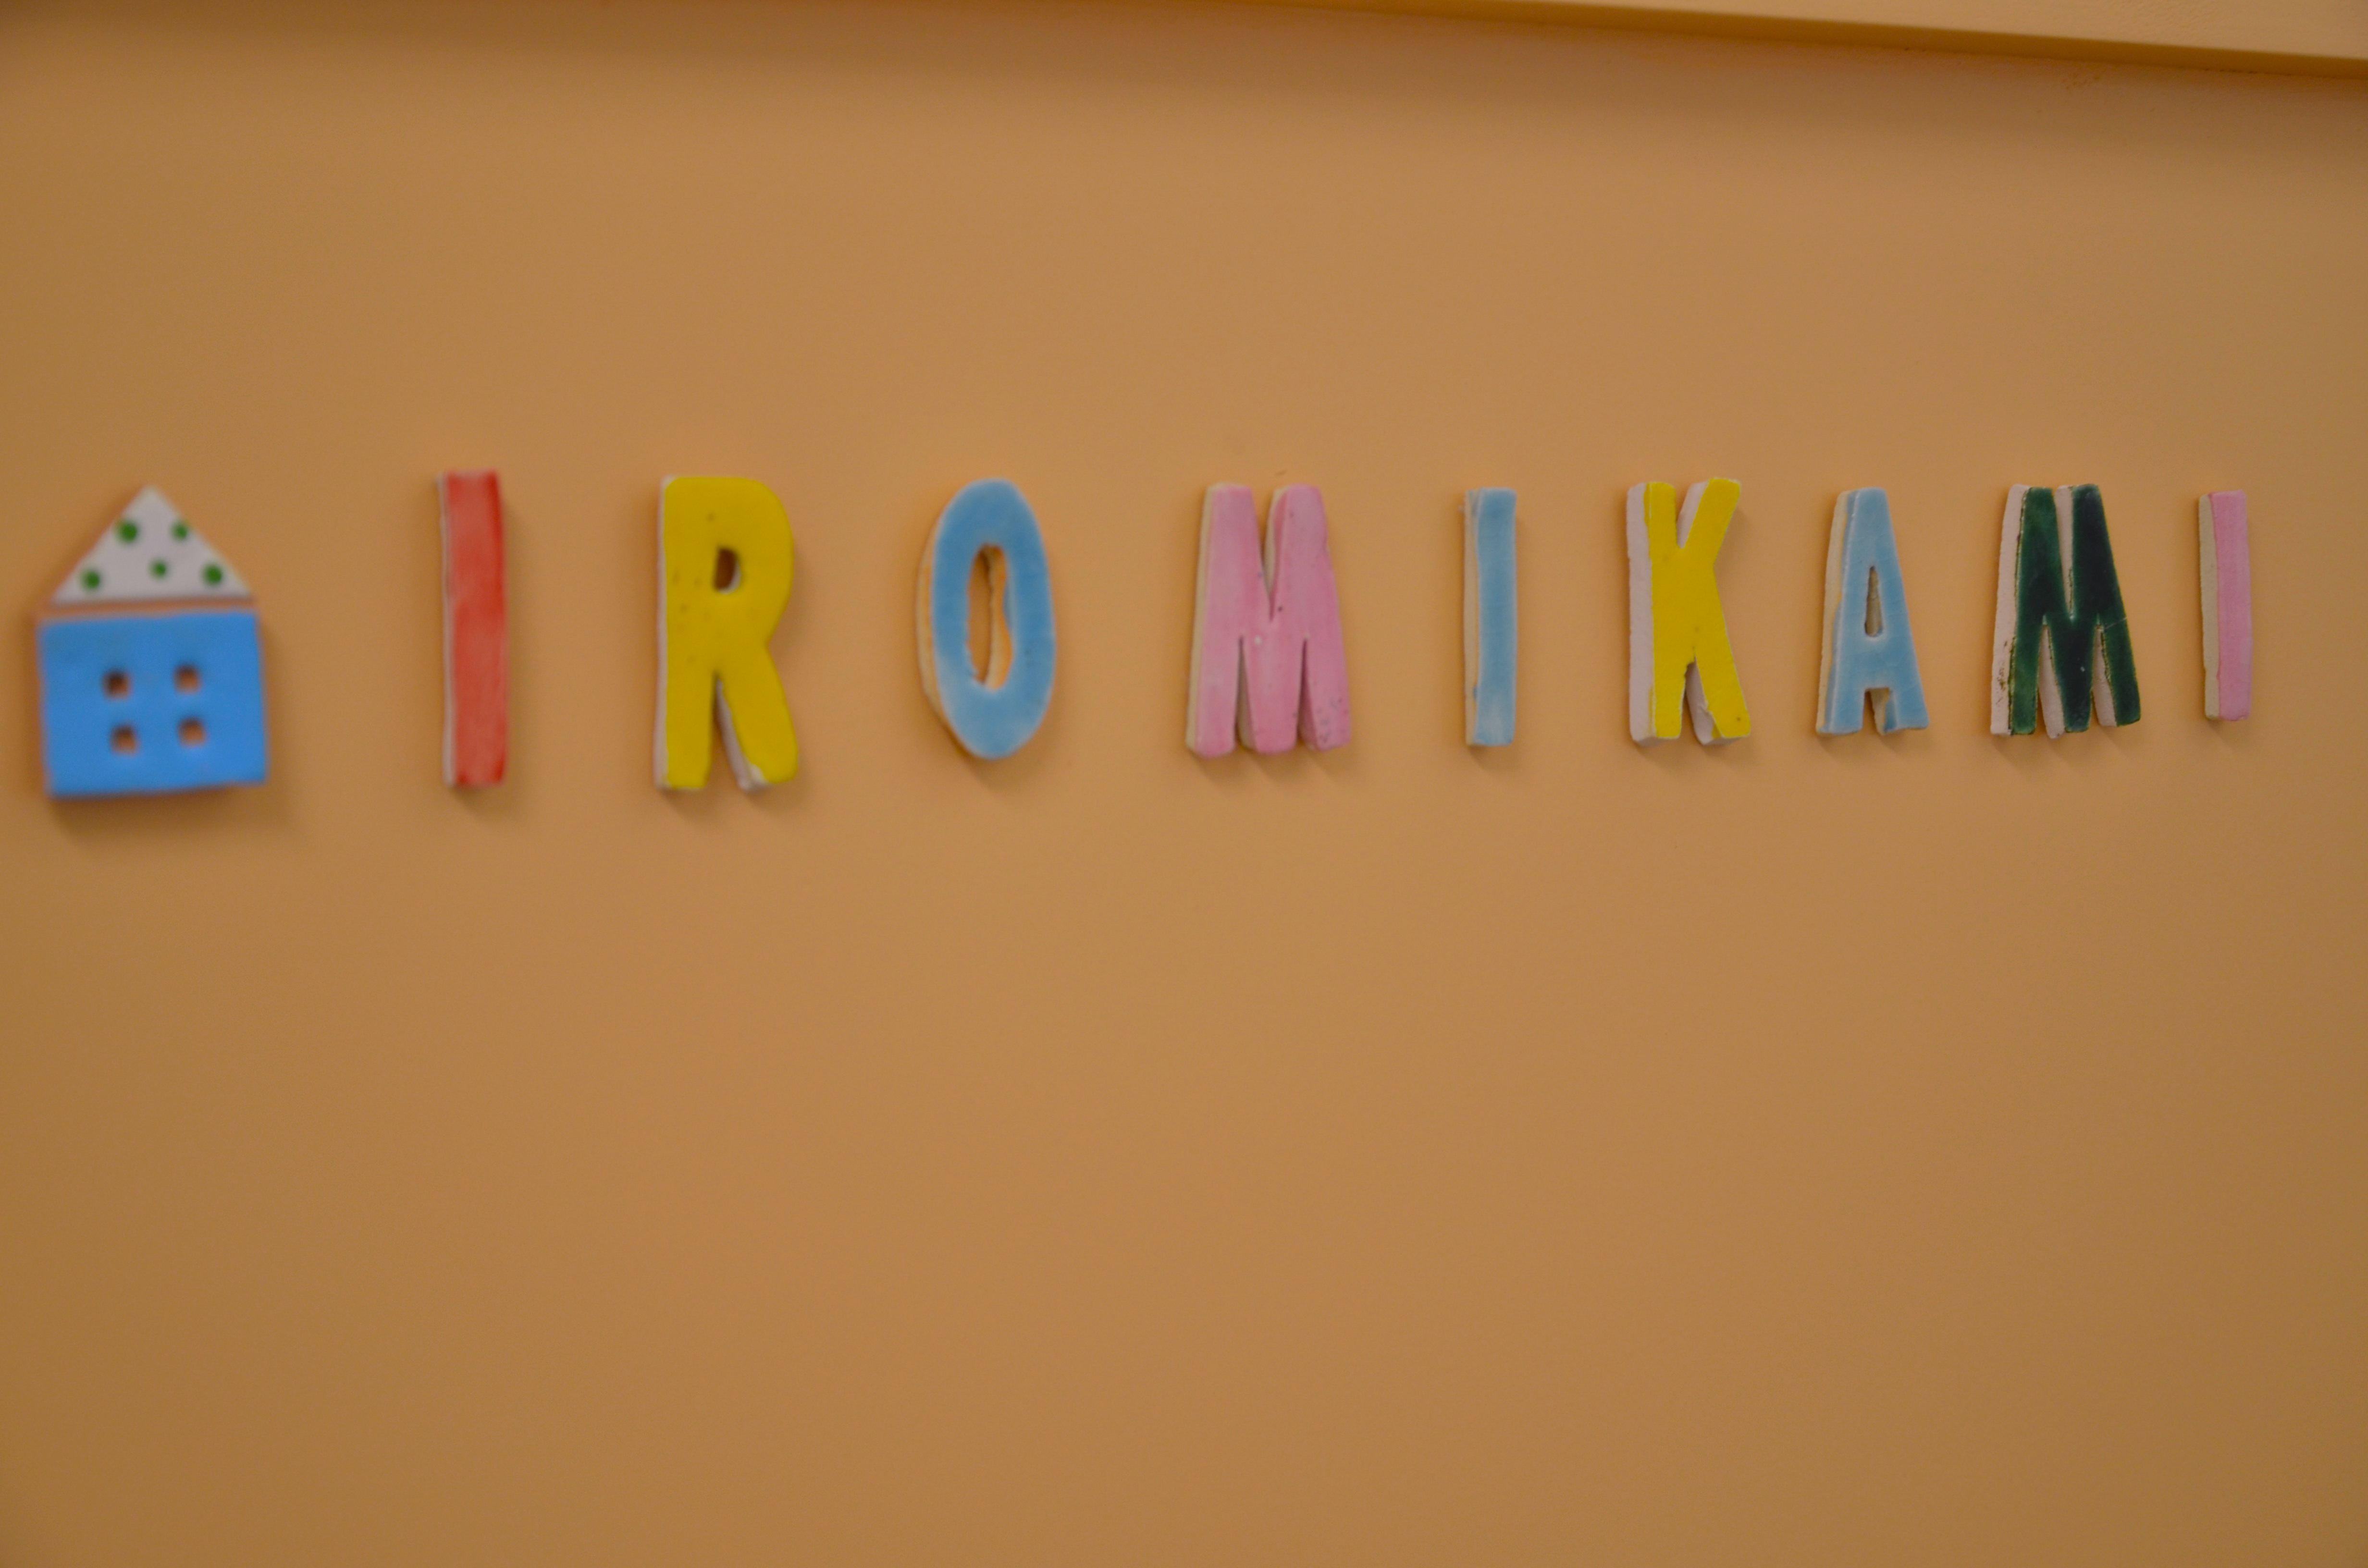 iromikami